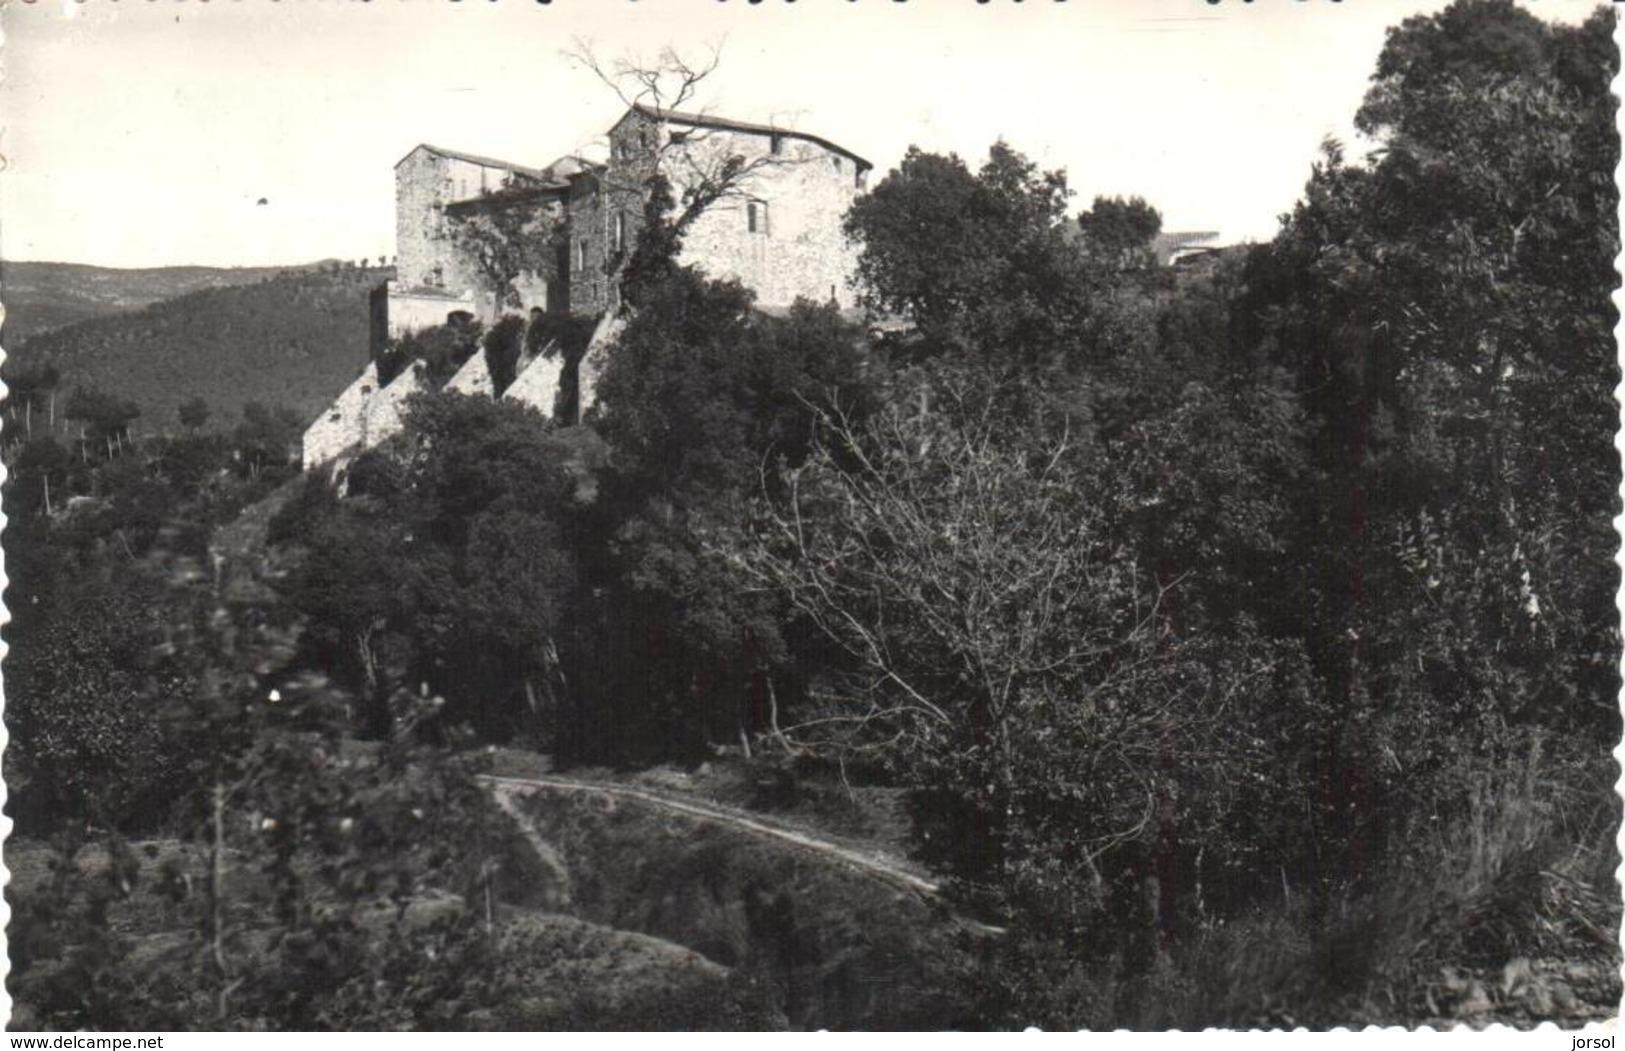 POSTAL    SENTMENAT  -BARCELONA  - CASTILLO DEL MARQUESADO DE SENTMENAT - Spagna